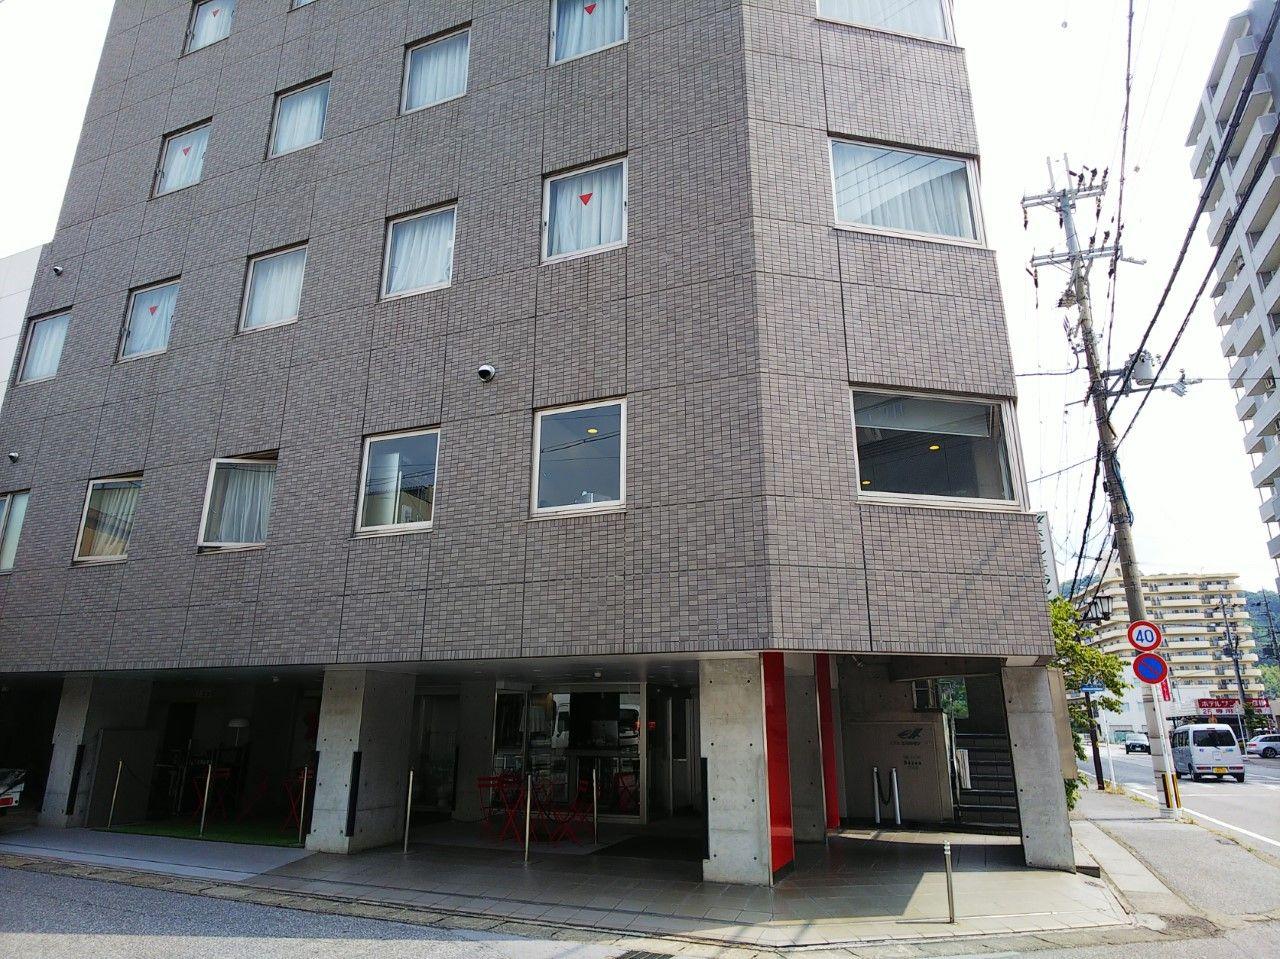 ホテルは駅から至近距離!彦根城に向かって歩いて5分